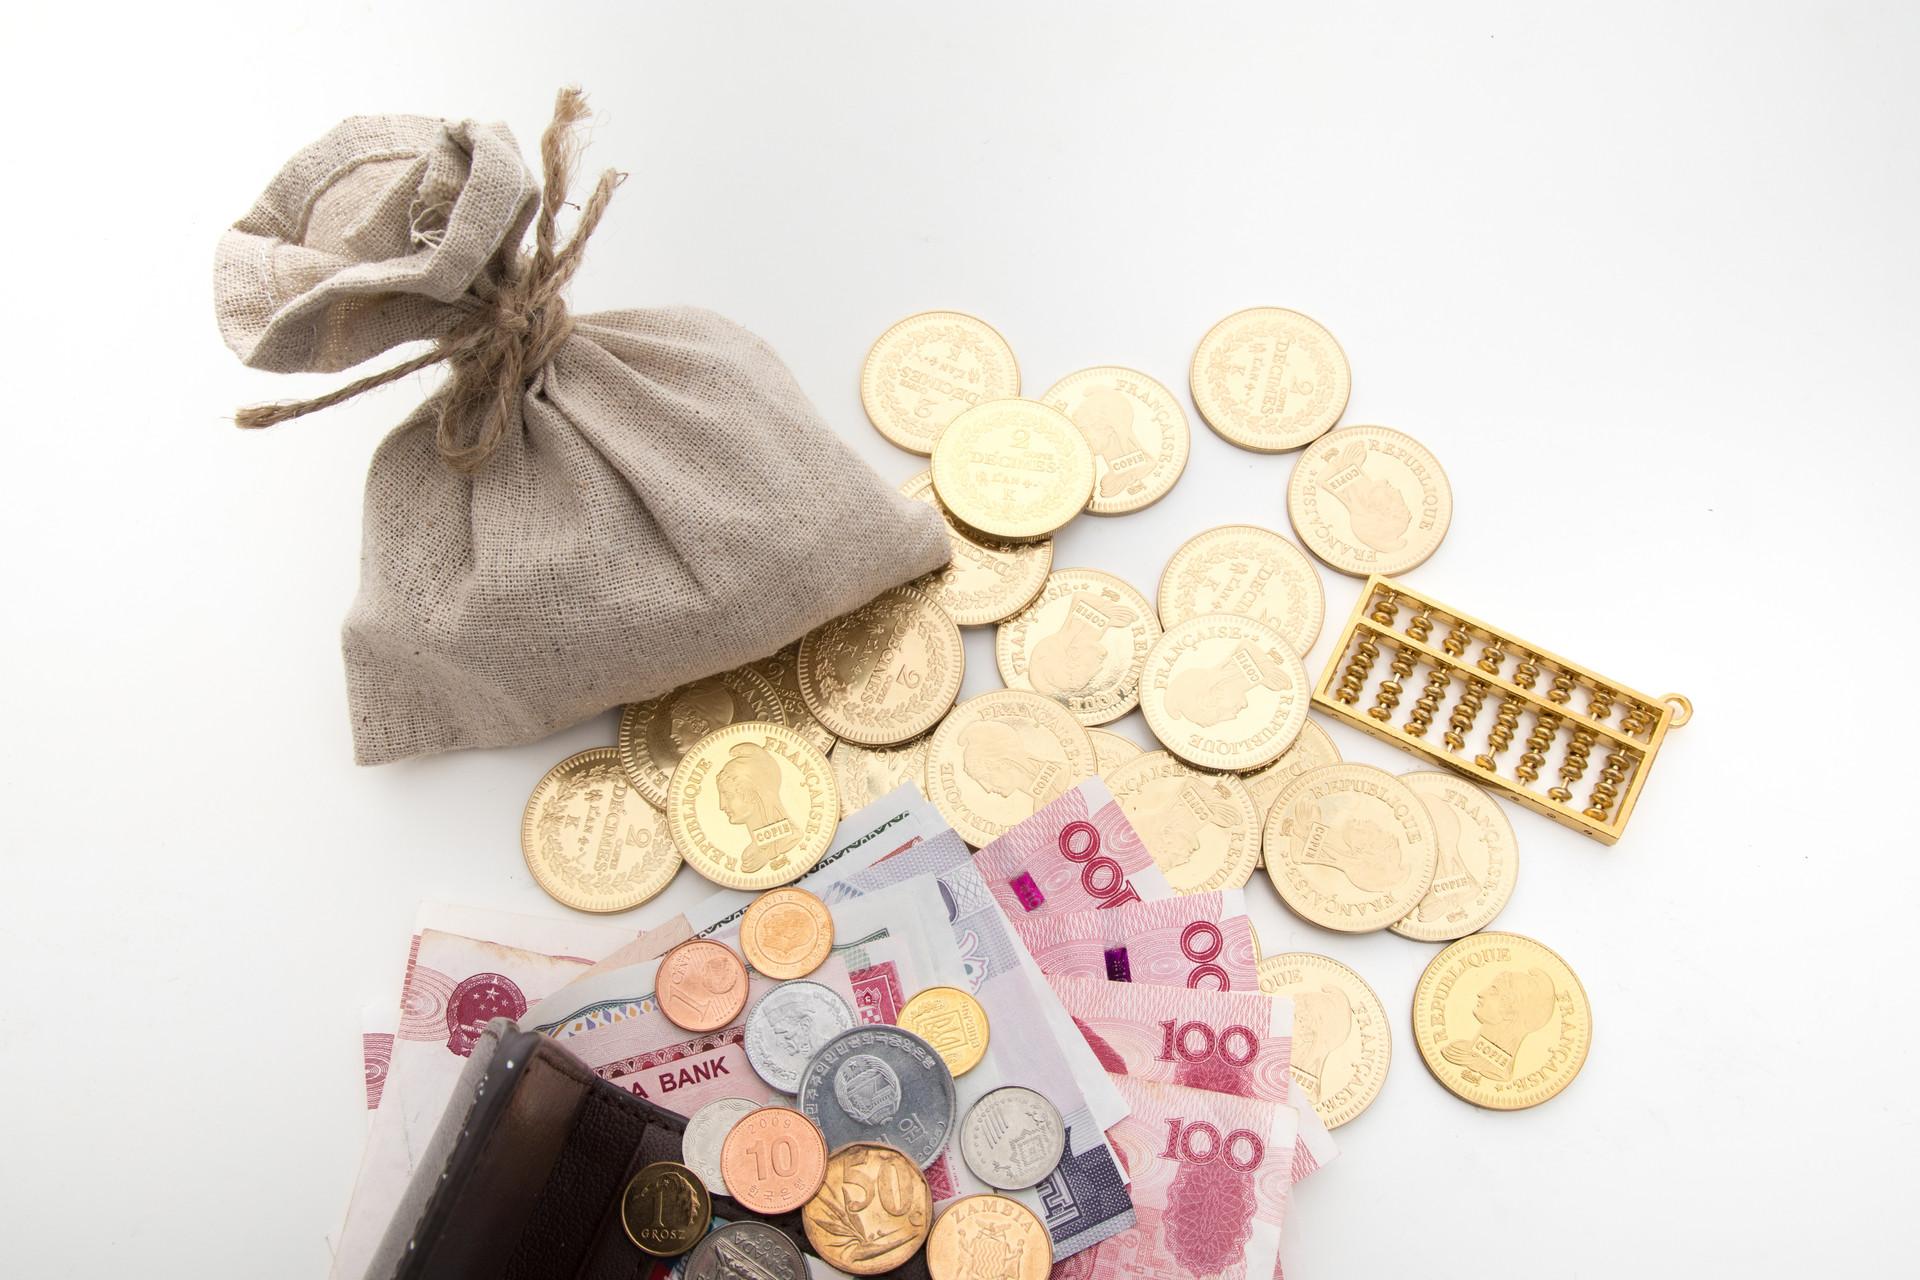 薪资代发服务是什么?有好处吗?